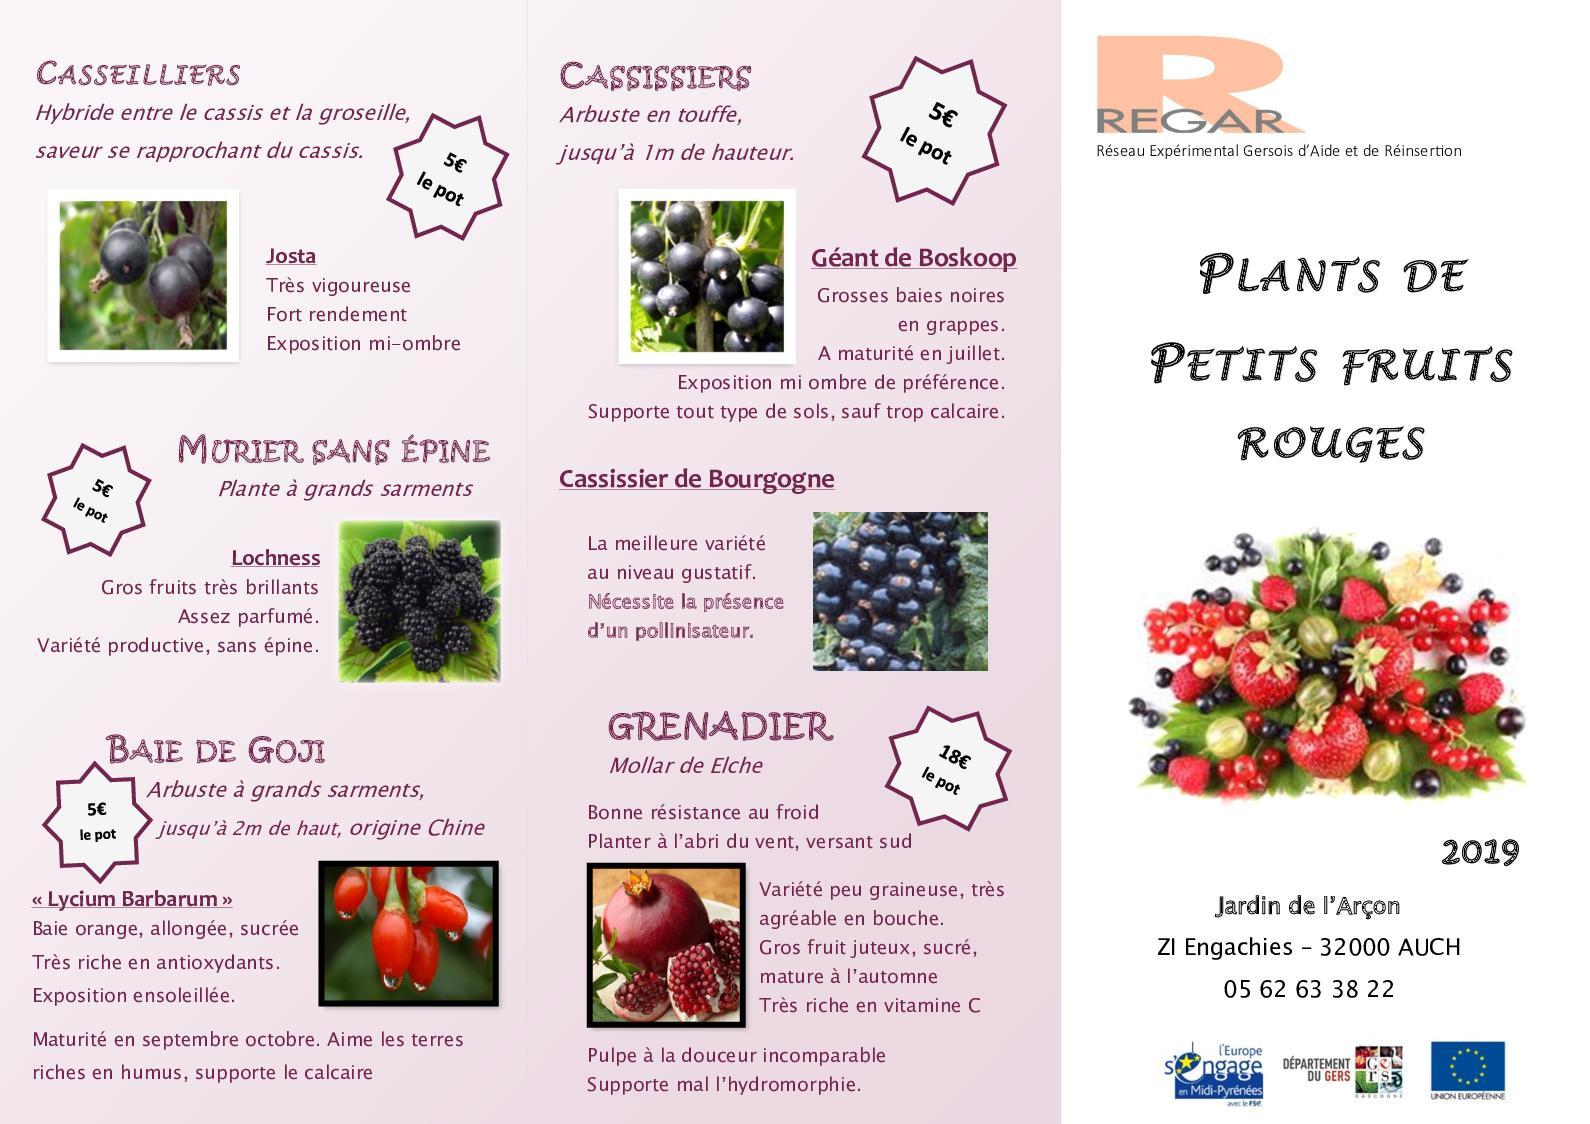 Arbuste Pour Terrain Calcaire calaméo - plaquette petits fruits 2019